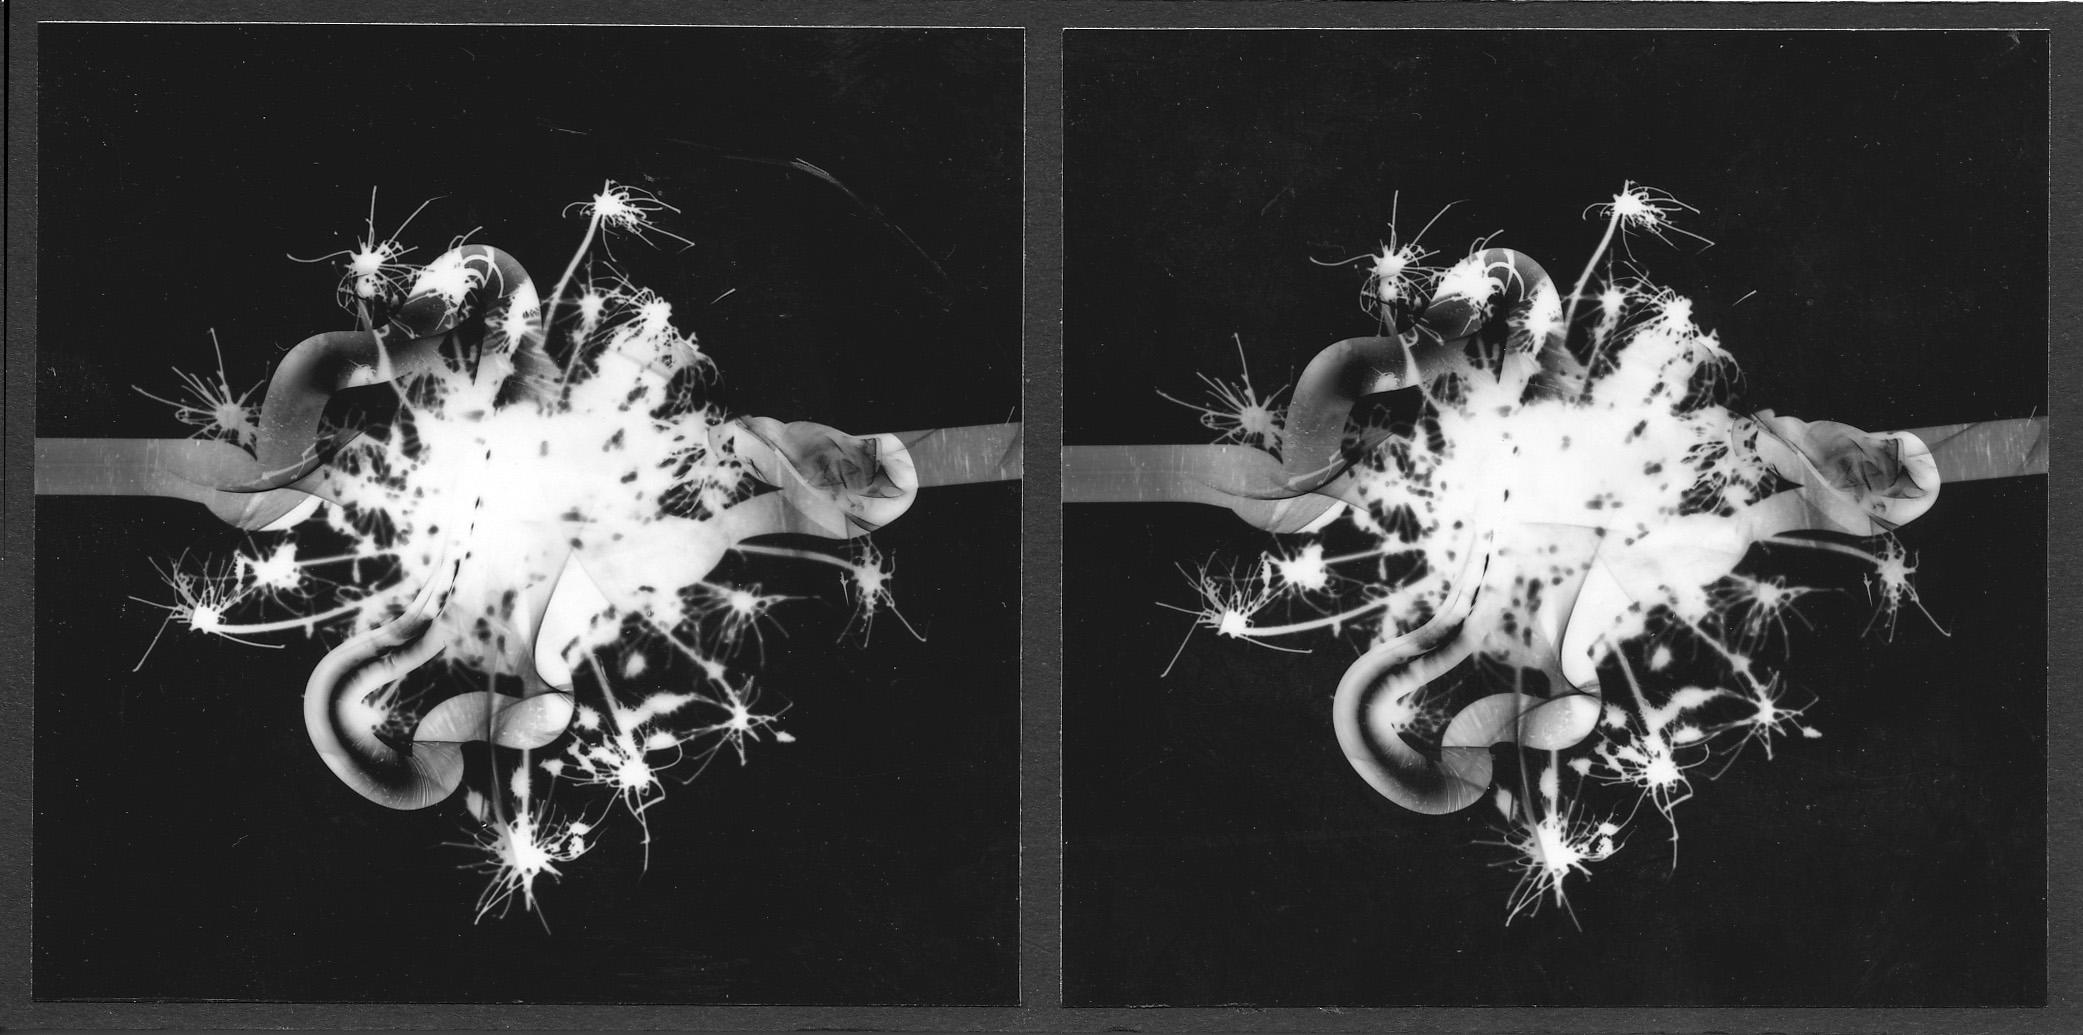 Stereo photogram, 1999